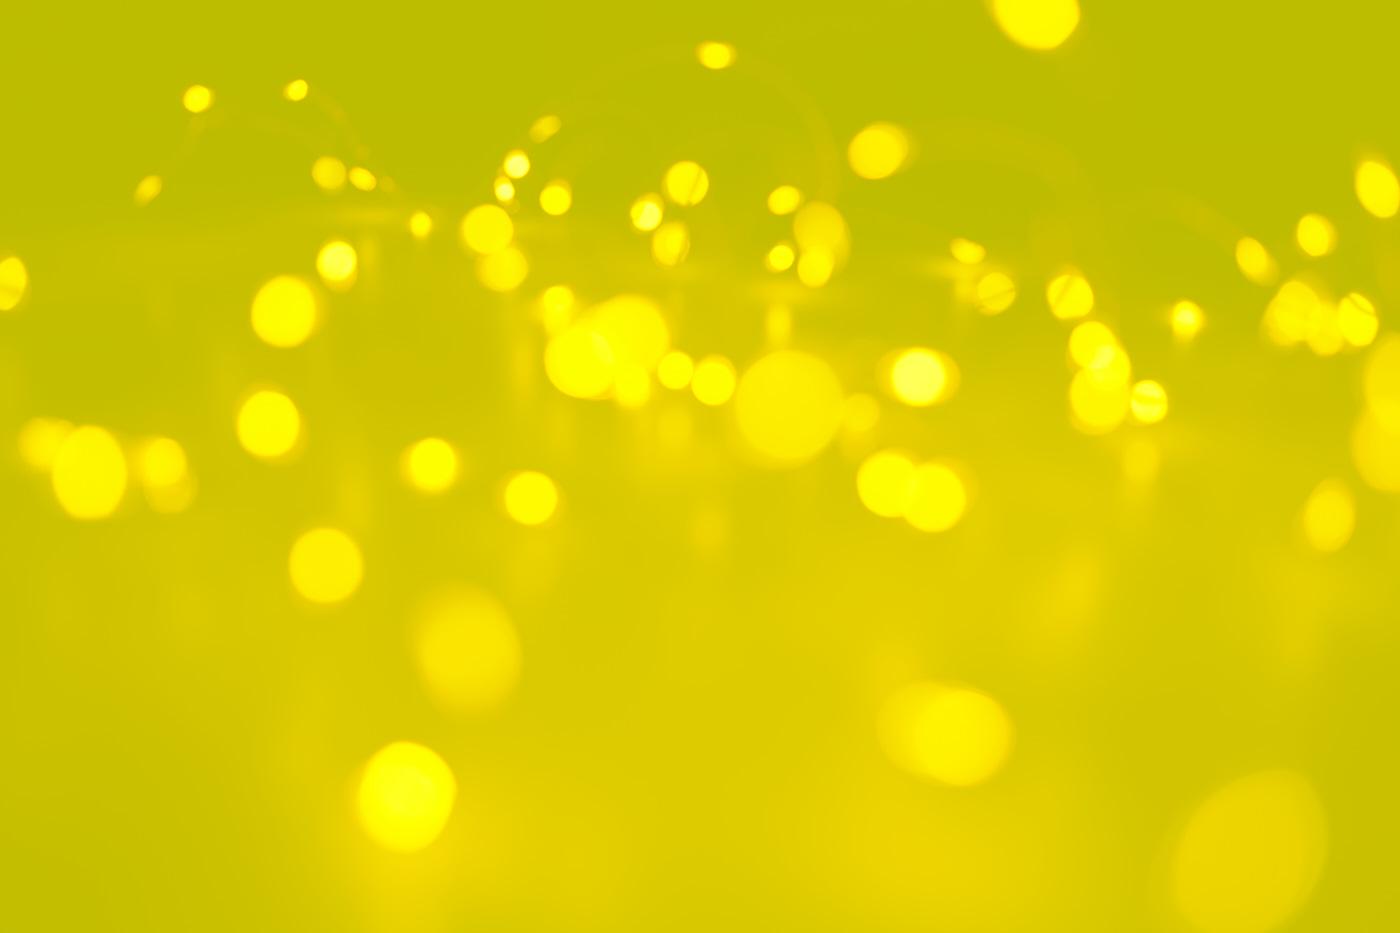 bokeh yellow